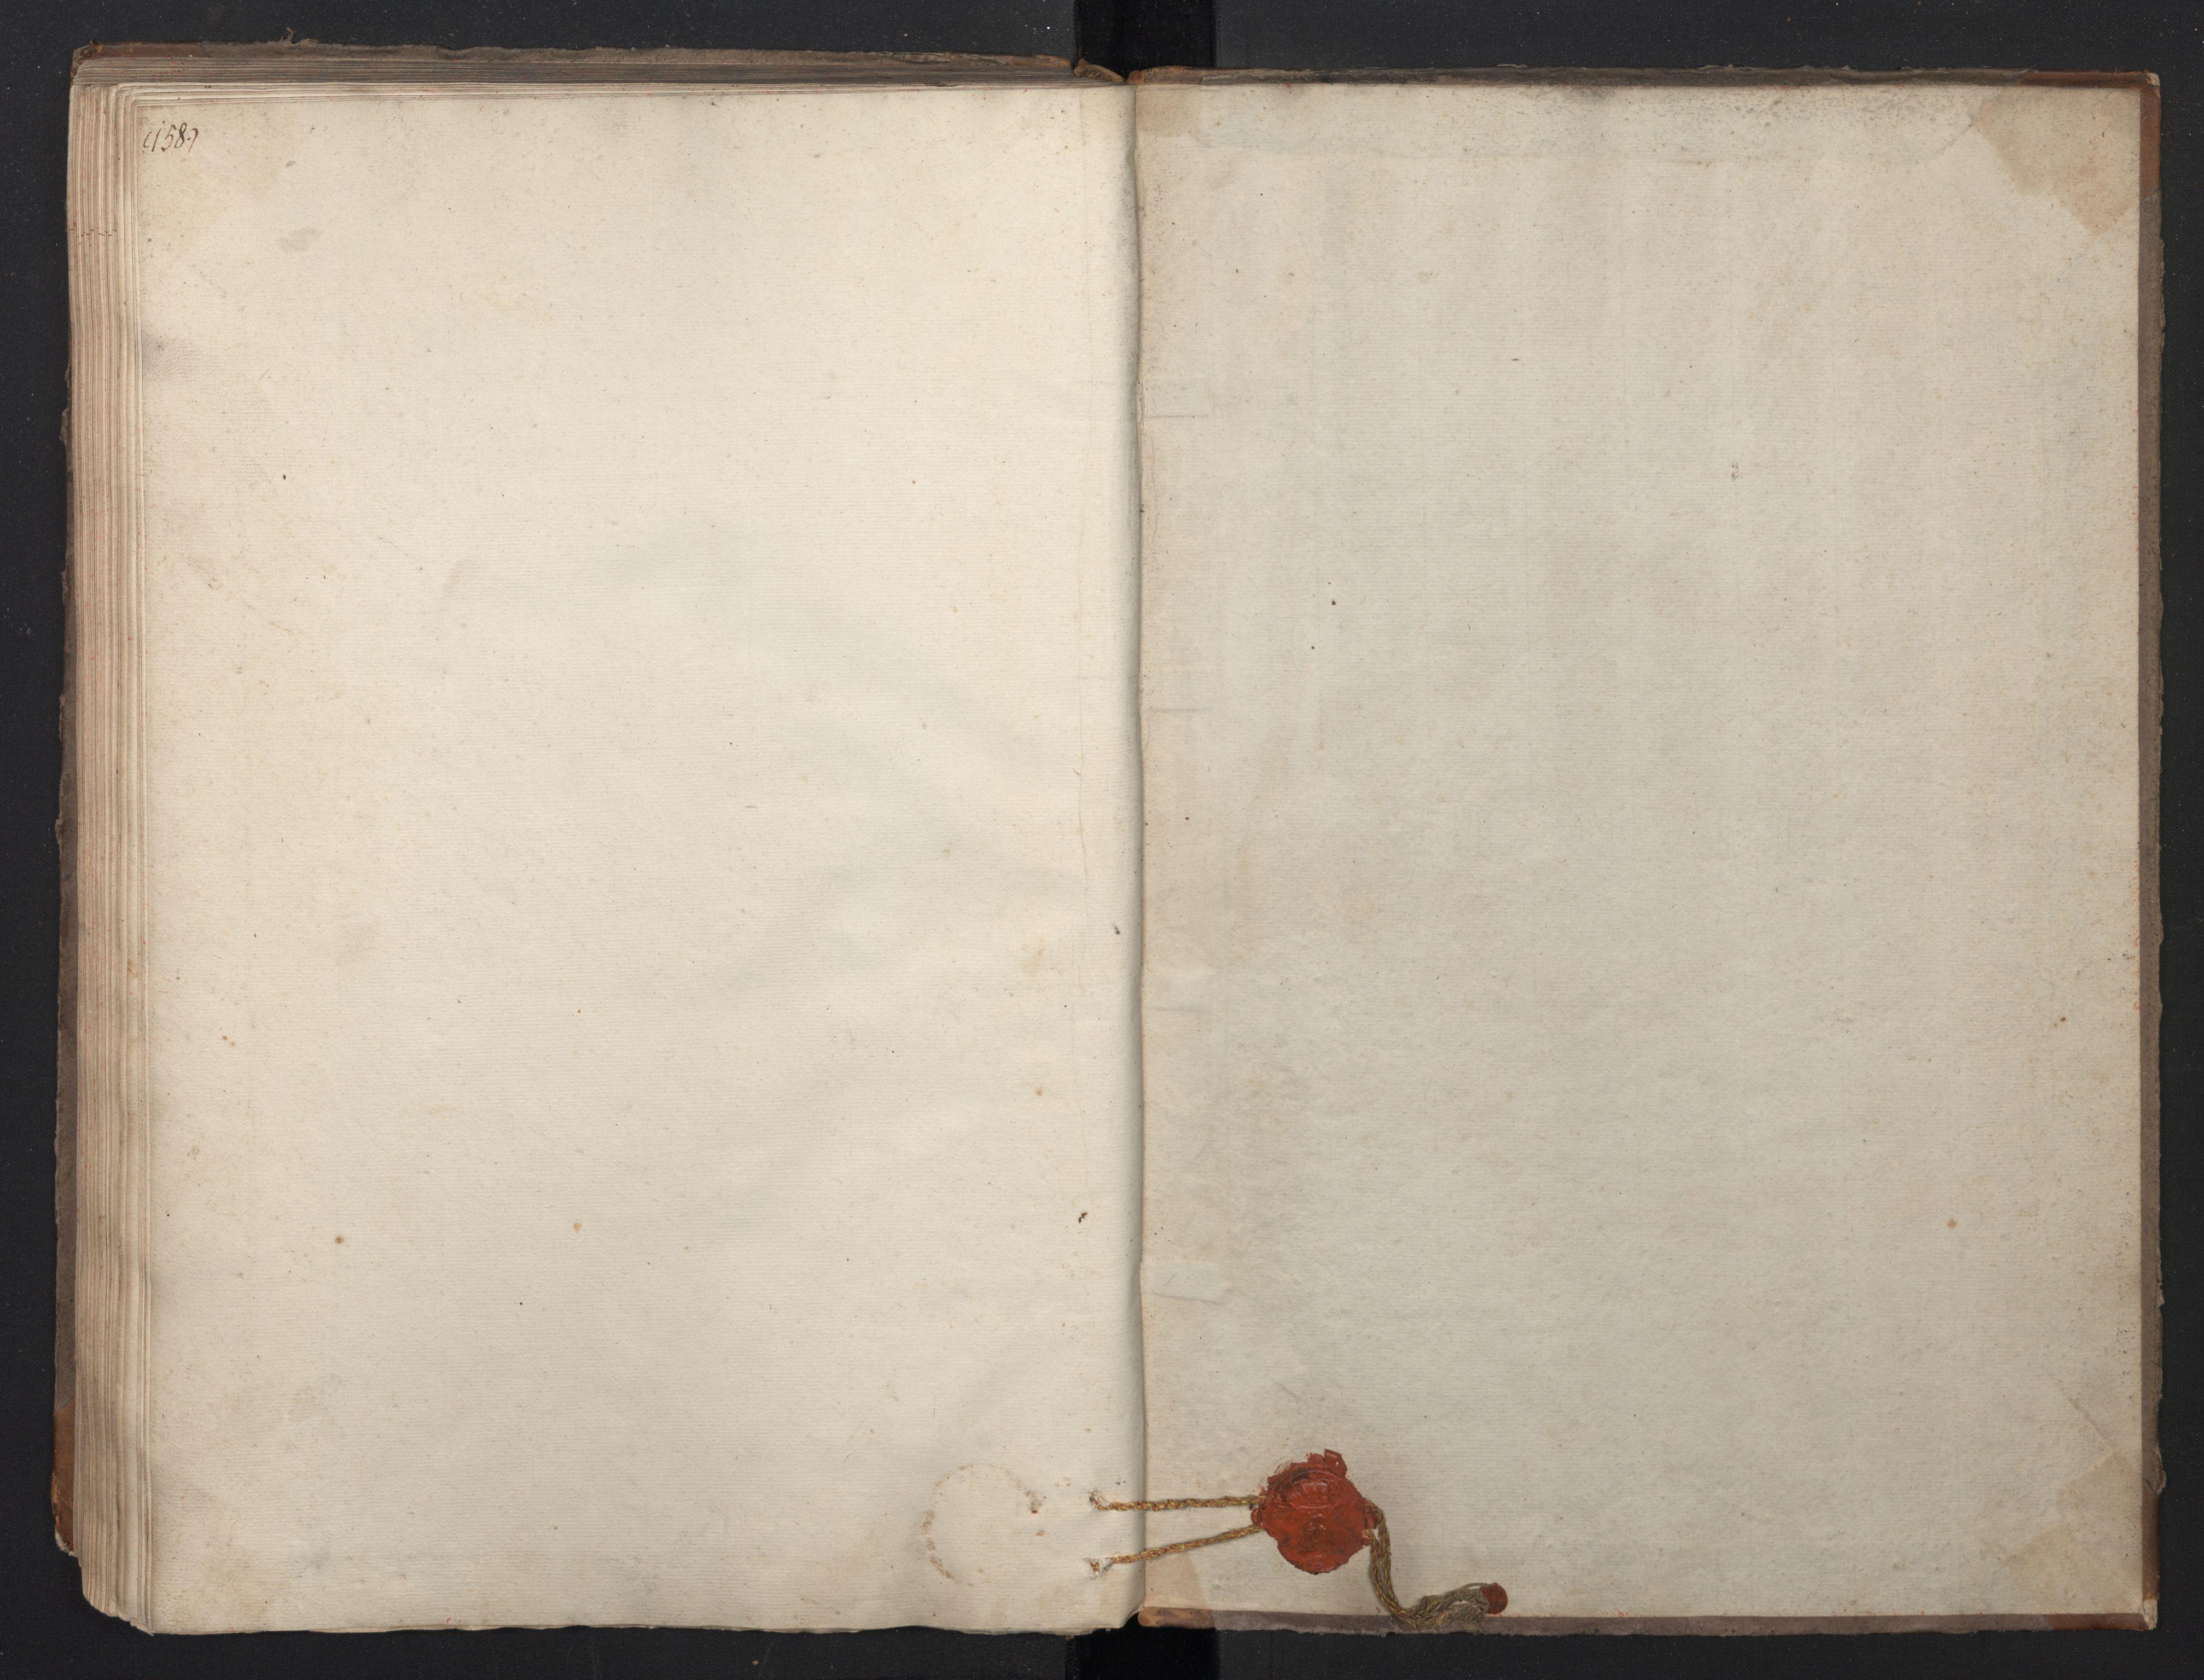 RA, Rentekammeret inntil 1814, Realistisk ordnet avdeling, N/Nb/Nbf/L0149: Sunnmøre, prøvematrikkel, 1714, s. 158-159